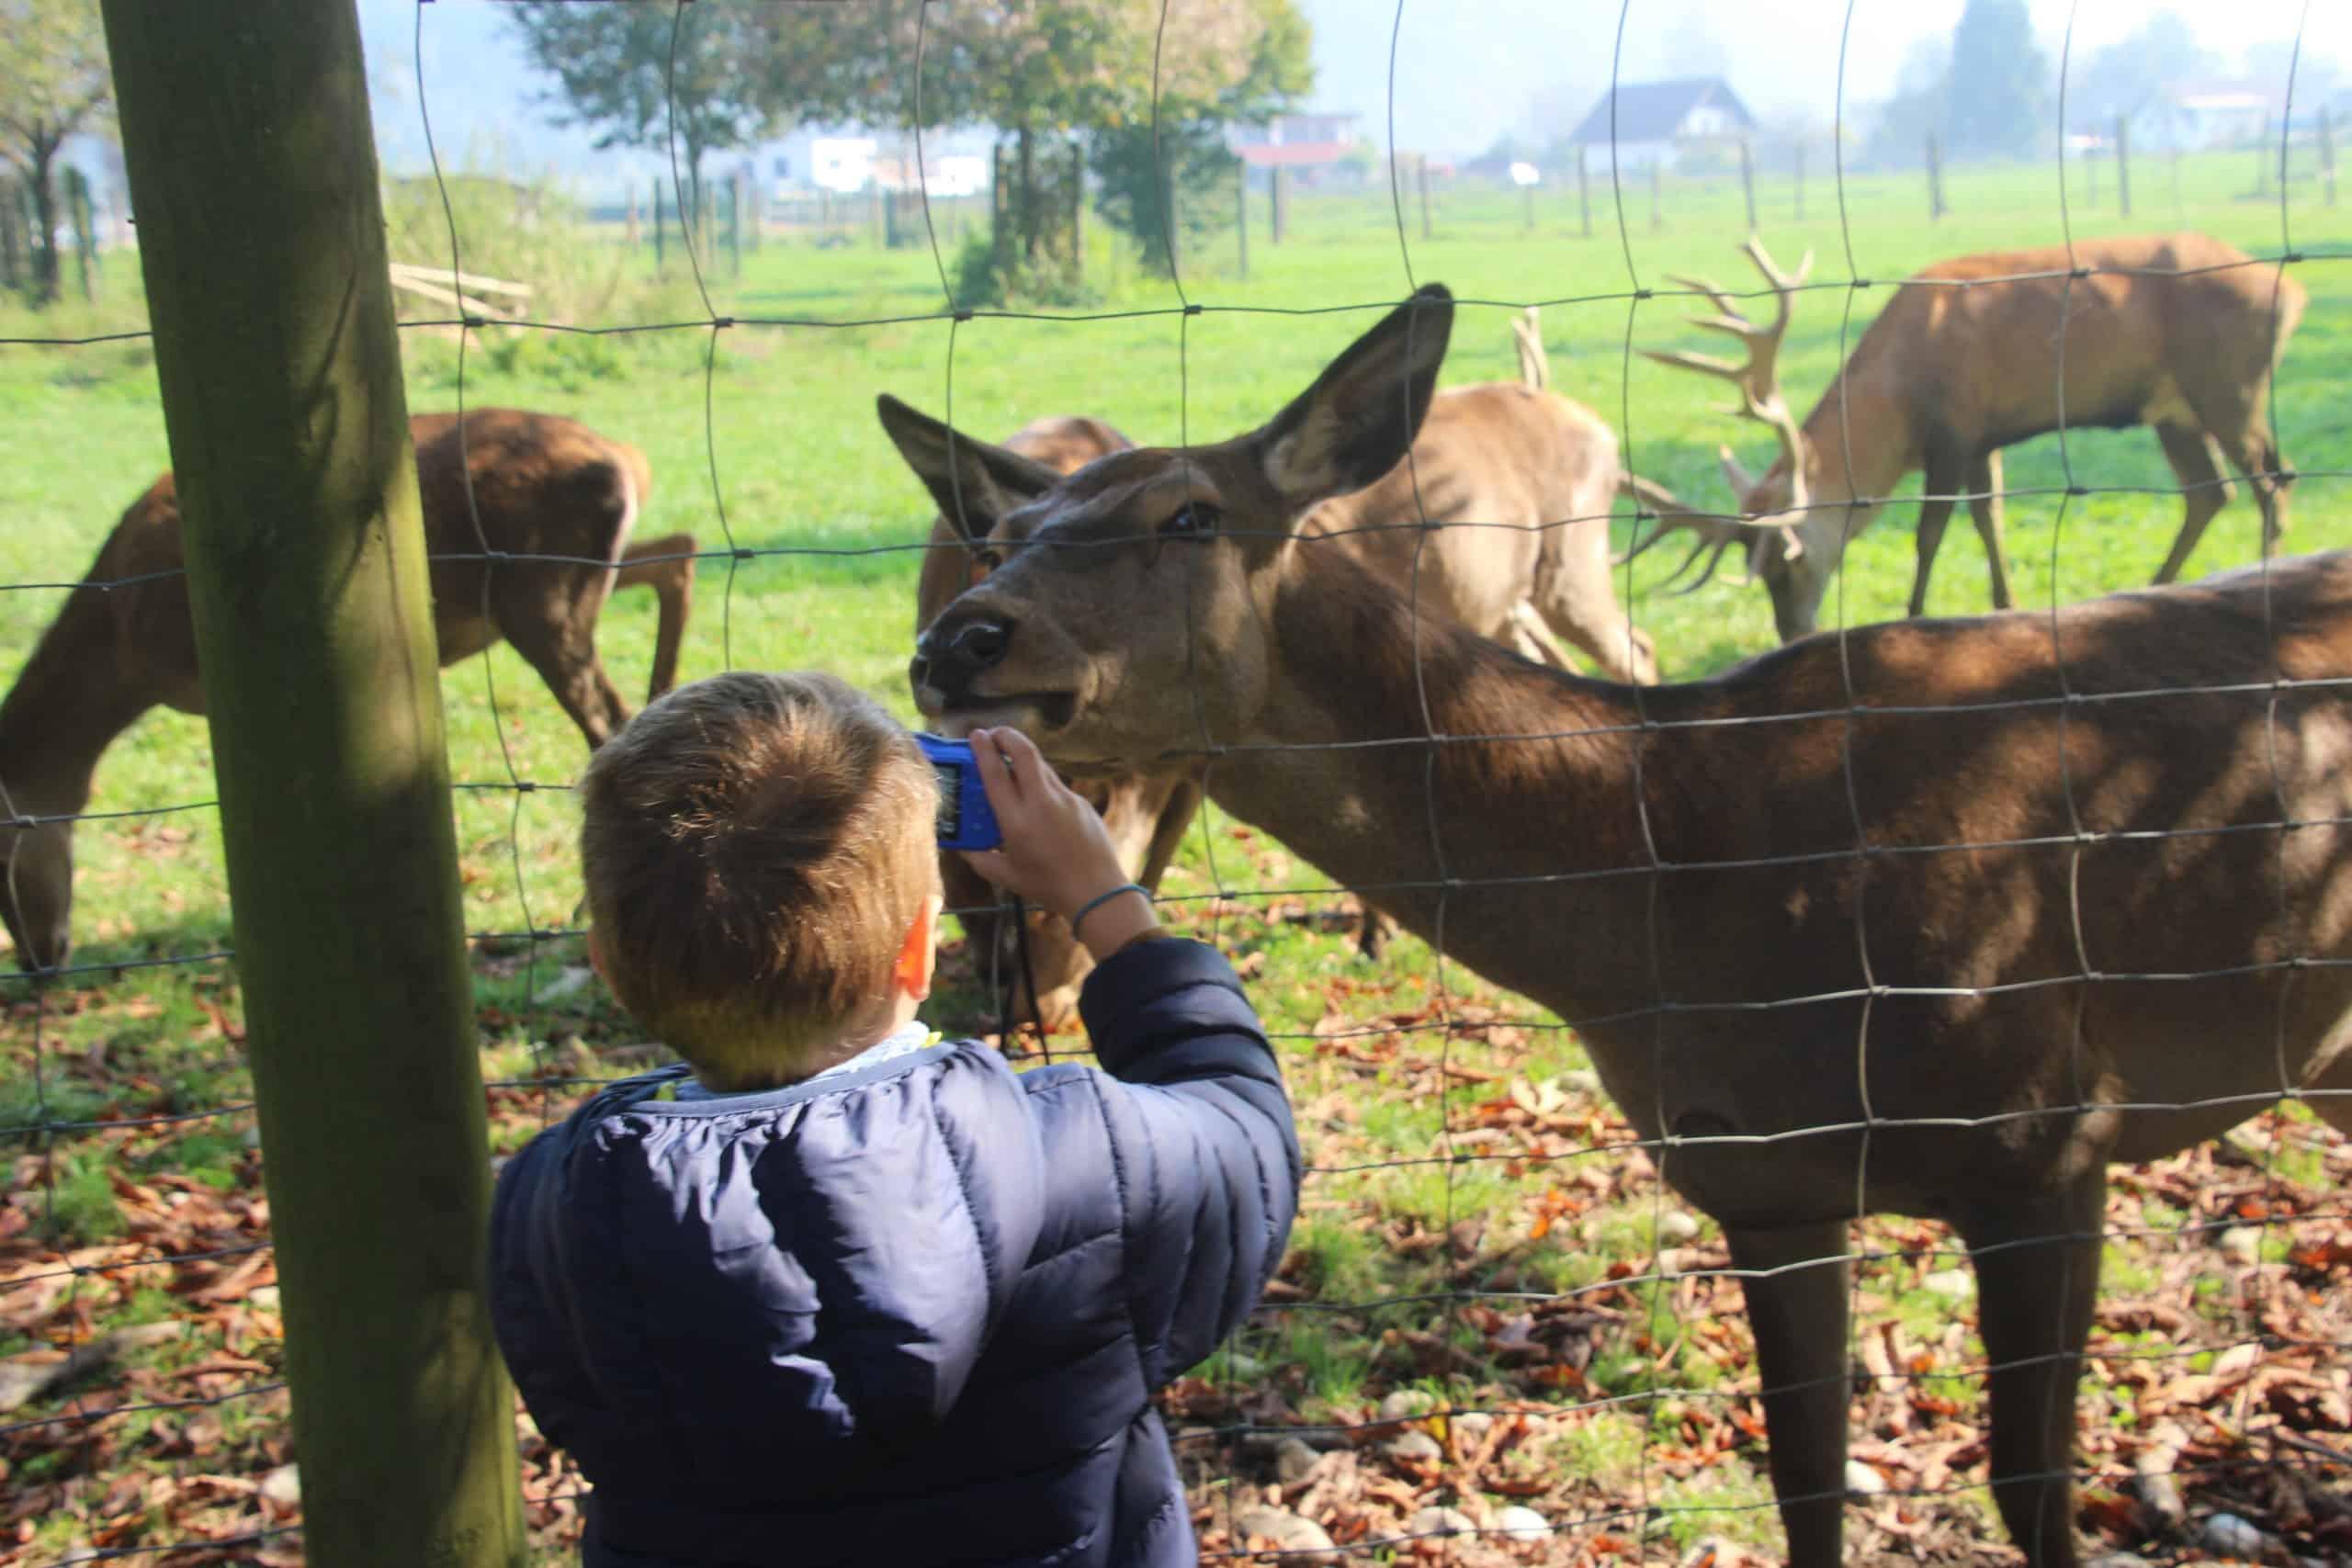 Kind bei Ausflug im Tierpark mit Wild - Ausflugsziel Nähe Wörthersee in Kärnten